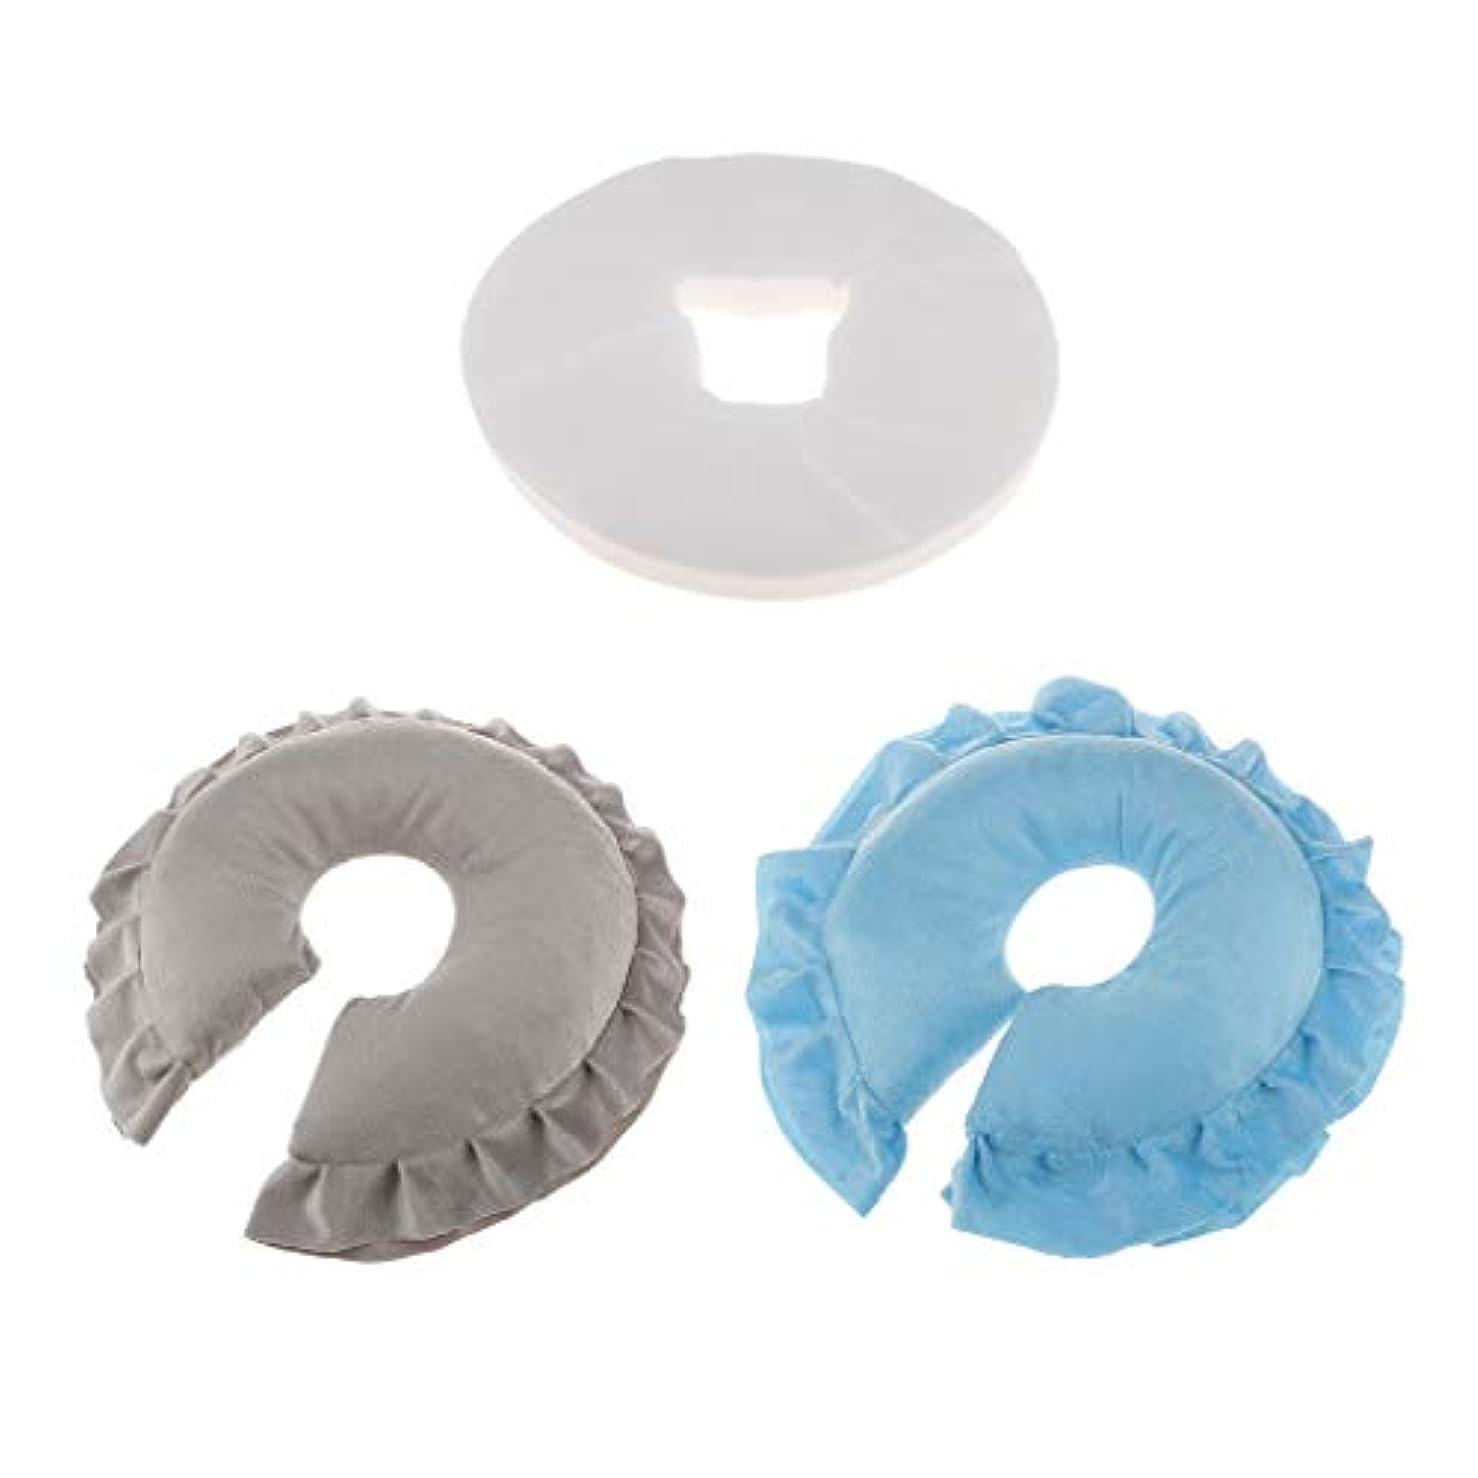 リル和らげるマーガレットミッチェルdailymall 2x美容院のマッサージの顔の揺りかごの枕+100の使い捨て可能なクッションカバー